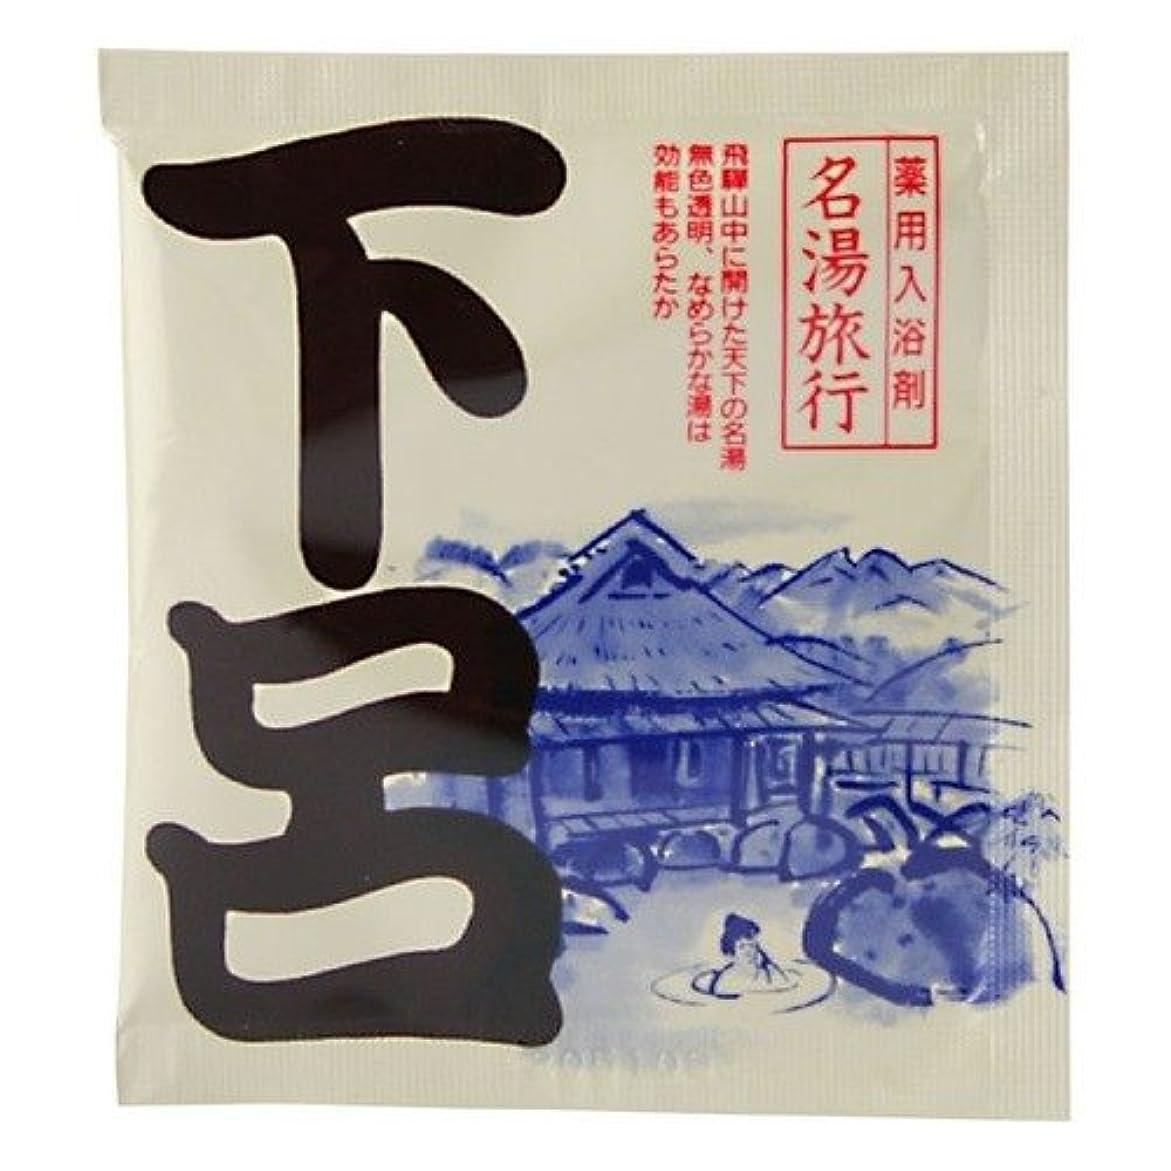 招待緩むフルーツ野菜五洲薬品 名湯旅行 下呂 25g 4987332126751